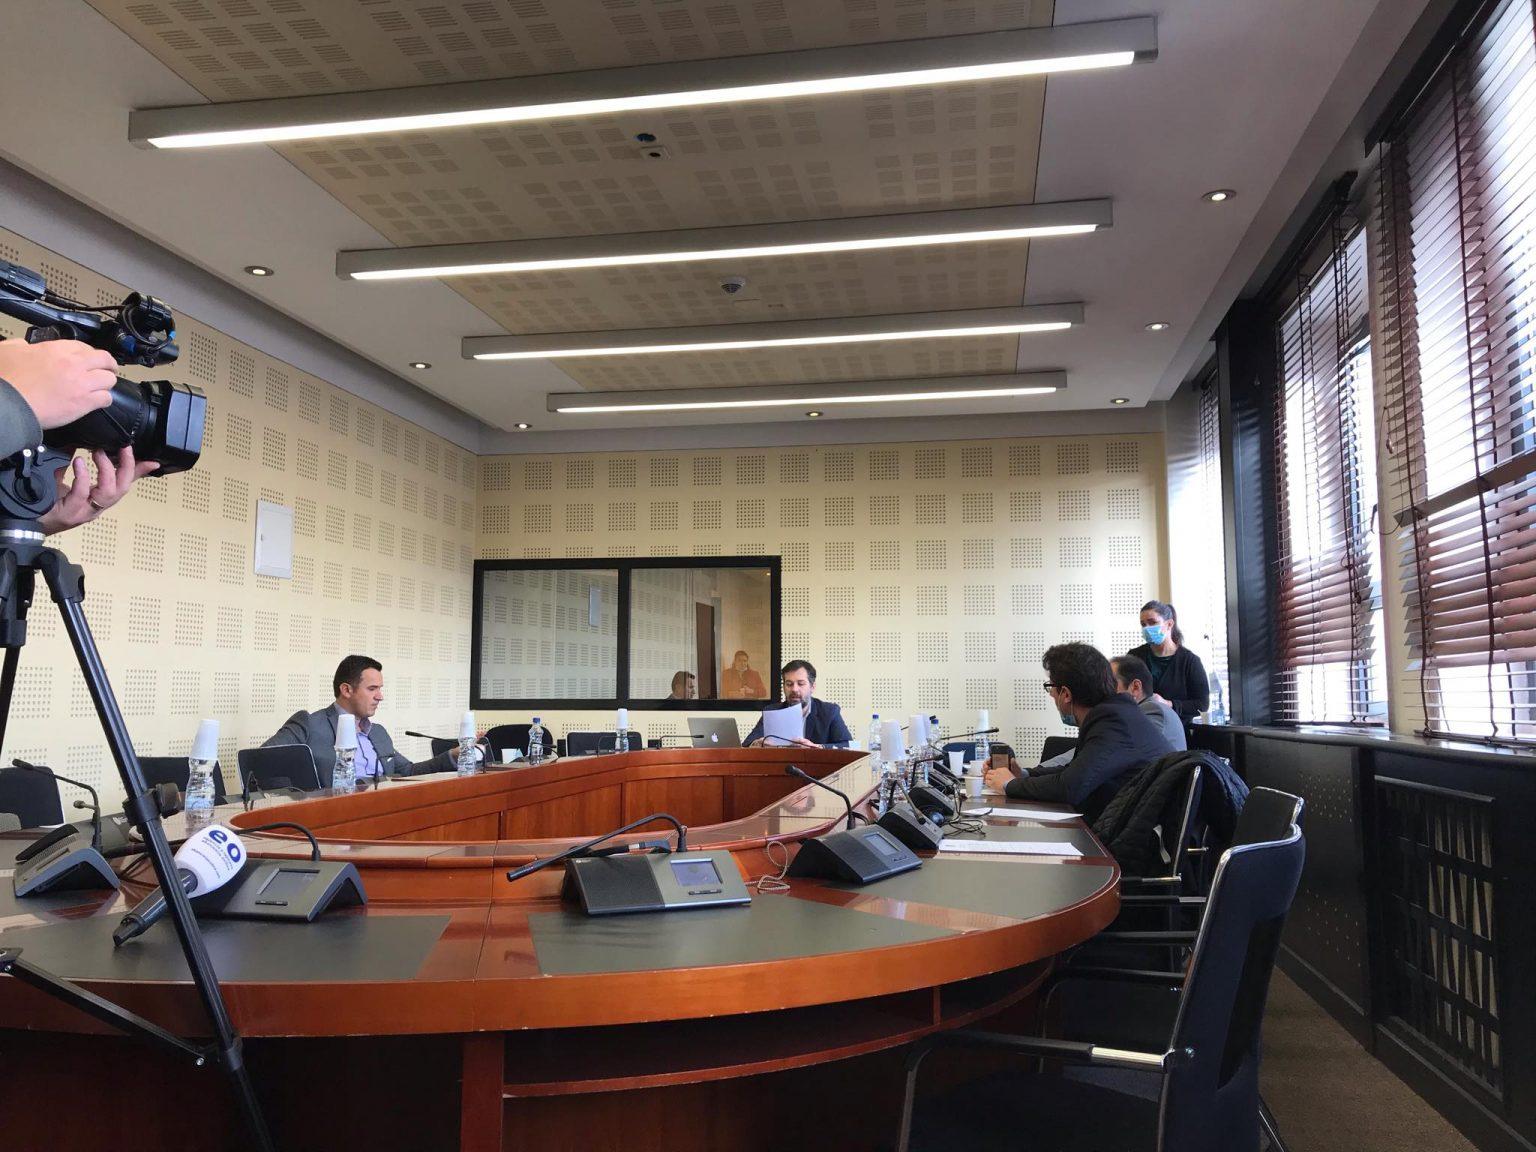 Dështon mbledhja e Komisionit Hetimor për Privatizim  s ka kuorum